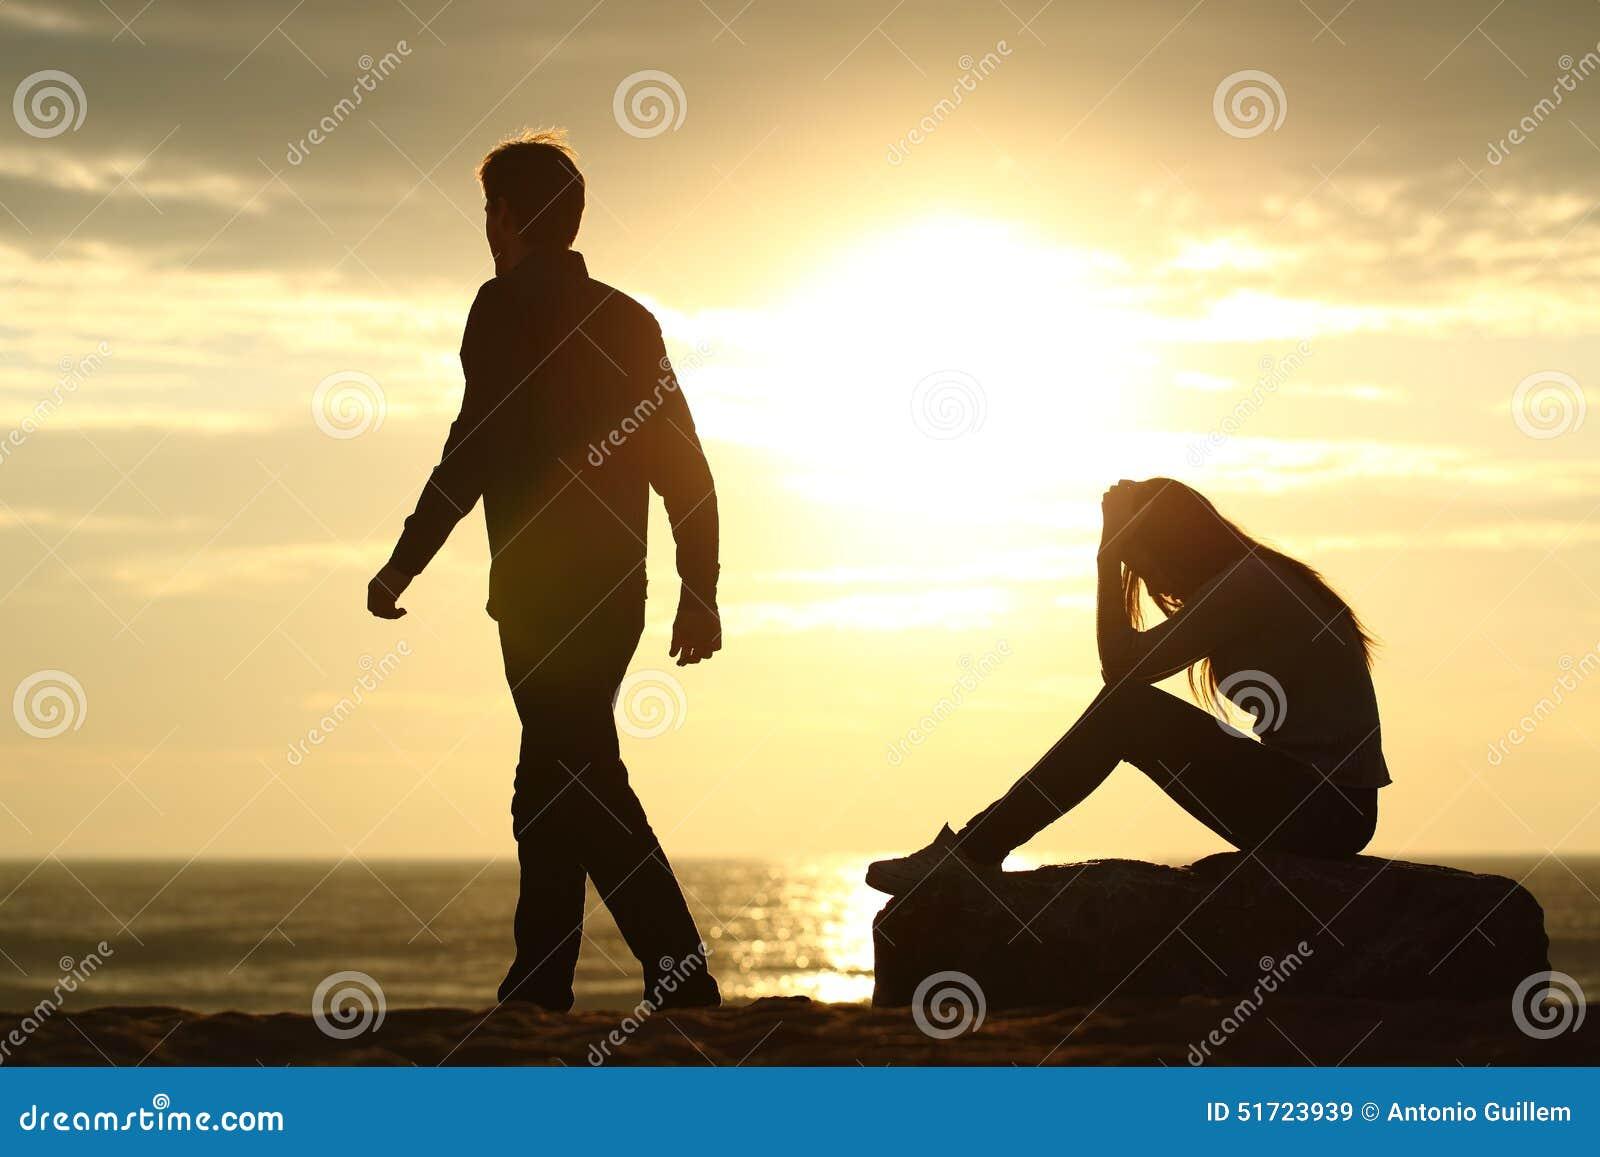 Paarschattenbildauseinanderfallen eine Beziehung